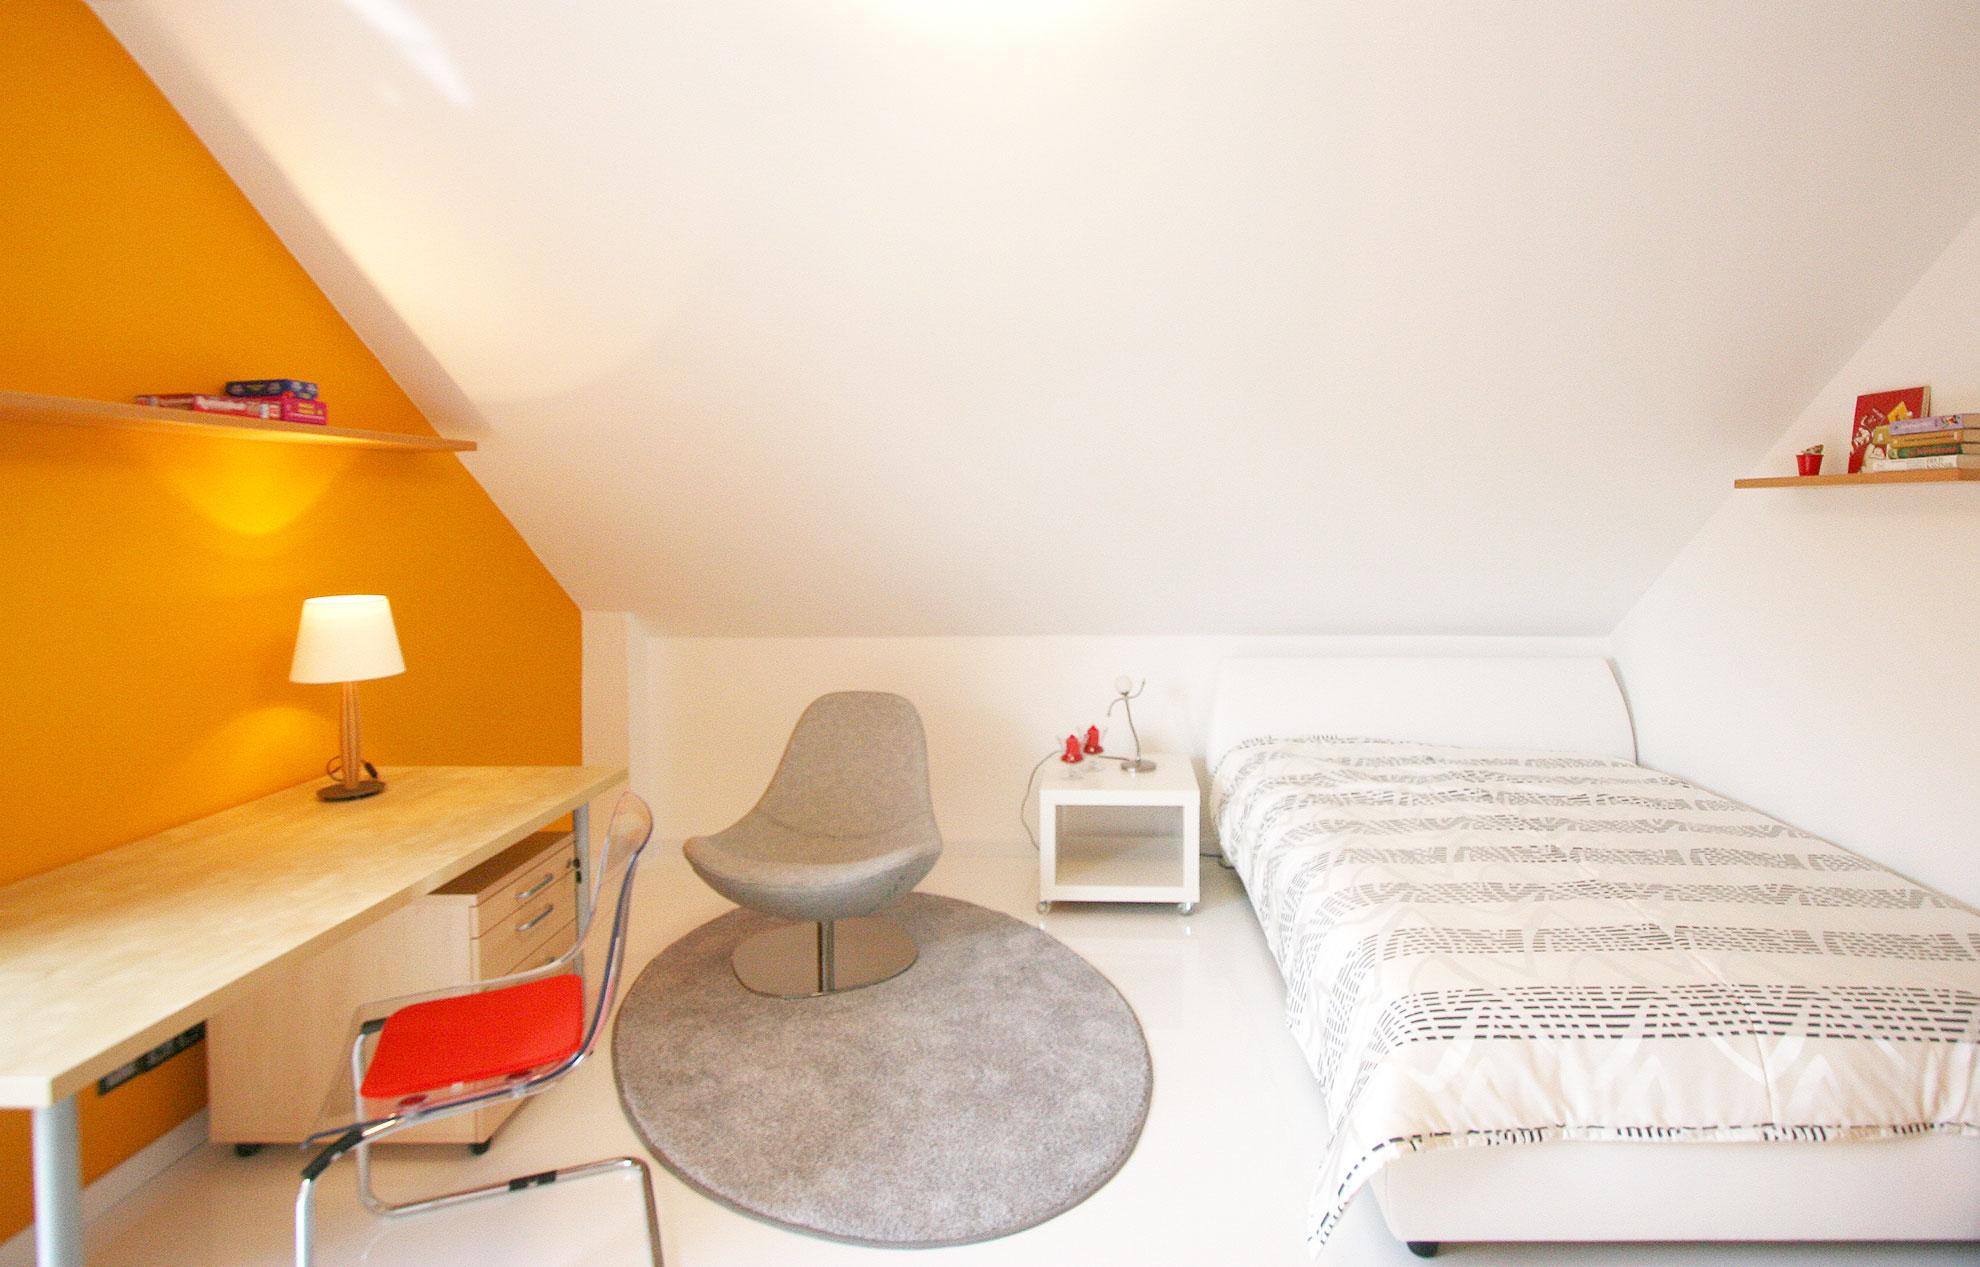 Innenarchitektur-München-Neugestaltung-Möbel-Wohnung-1